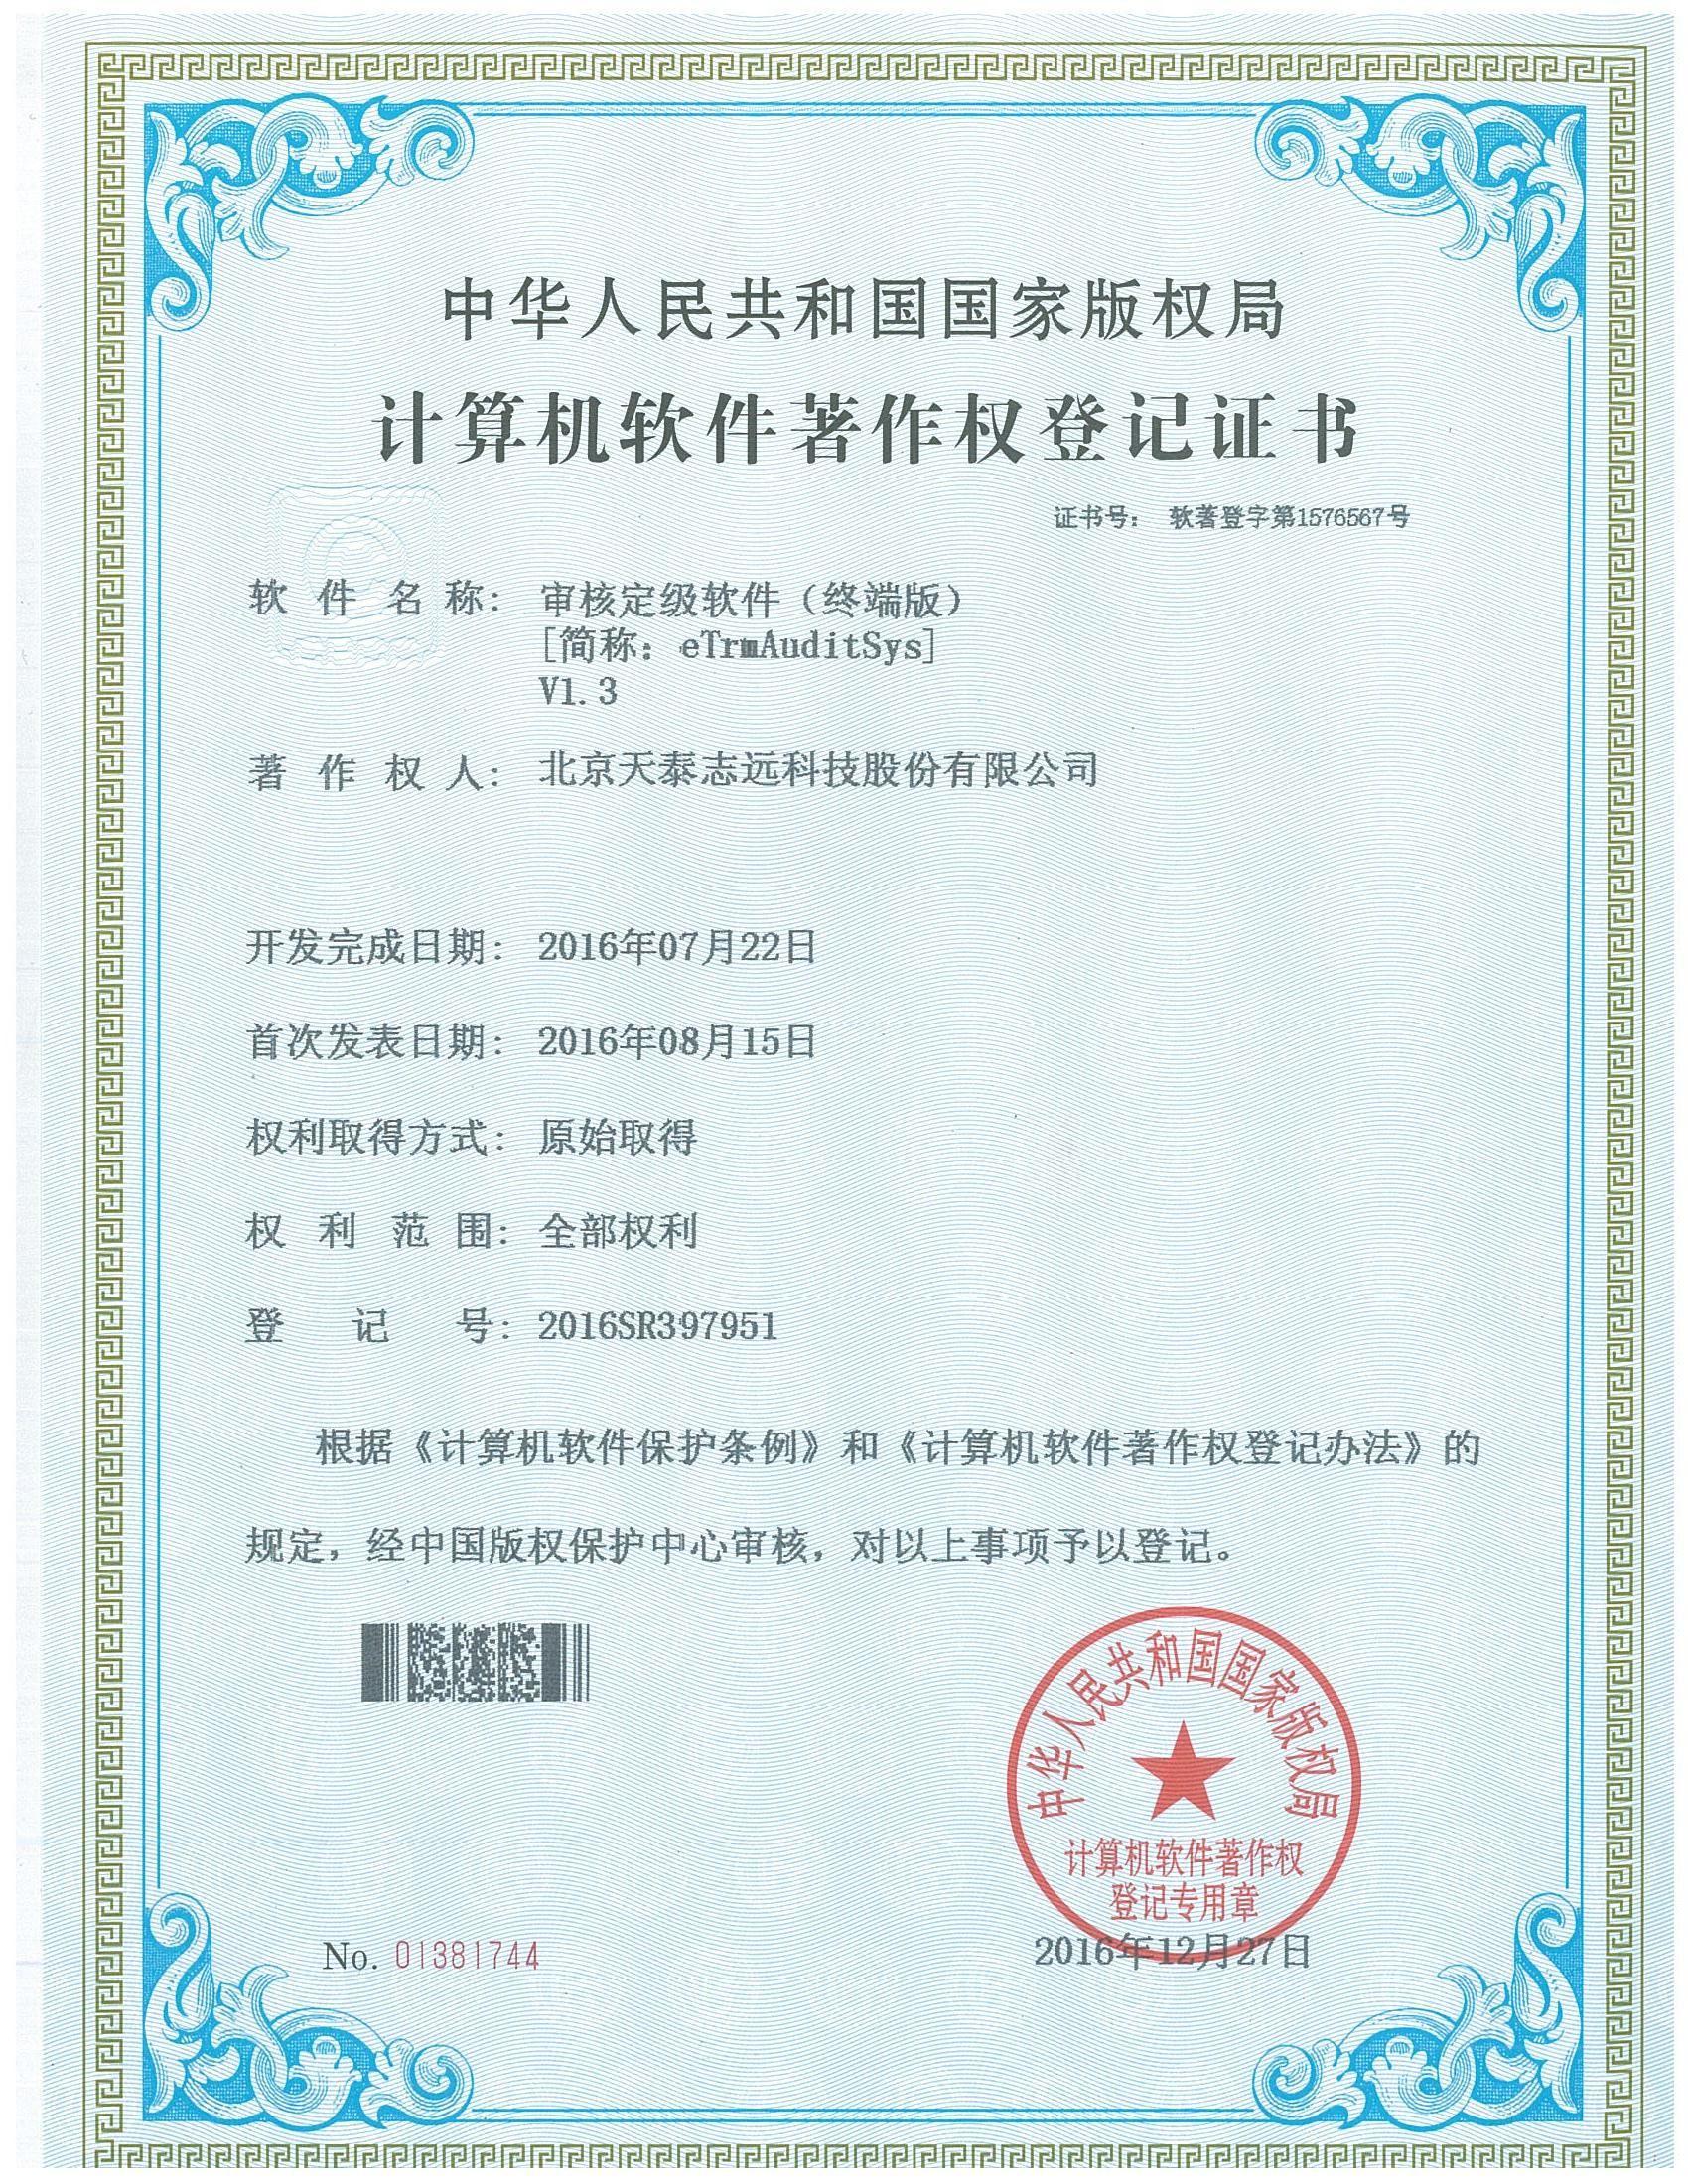 天泰志远:审核定级软件(终端版)著作权登记证书